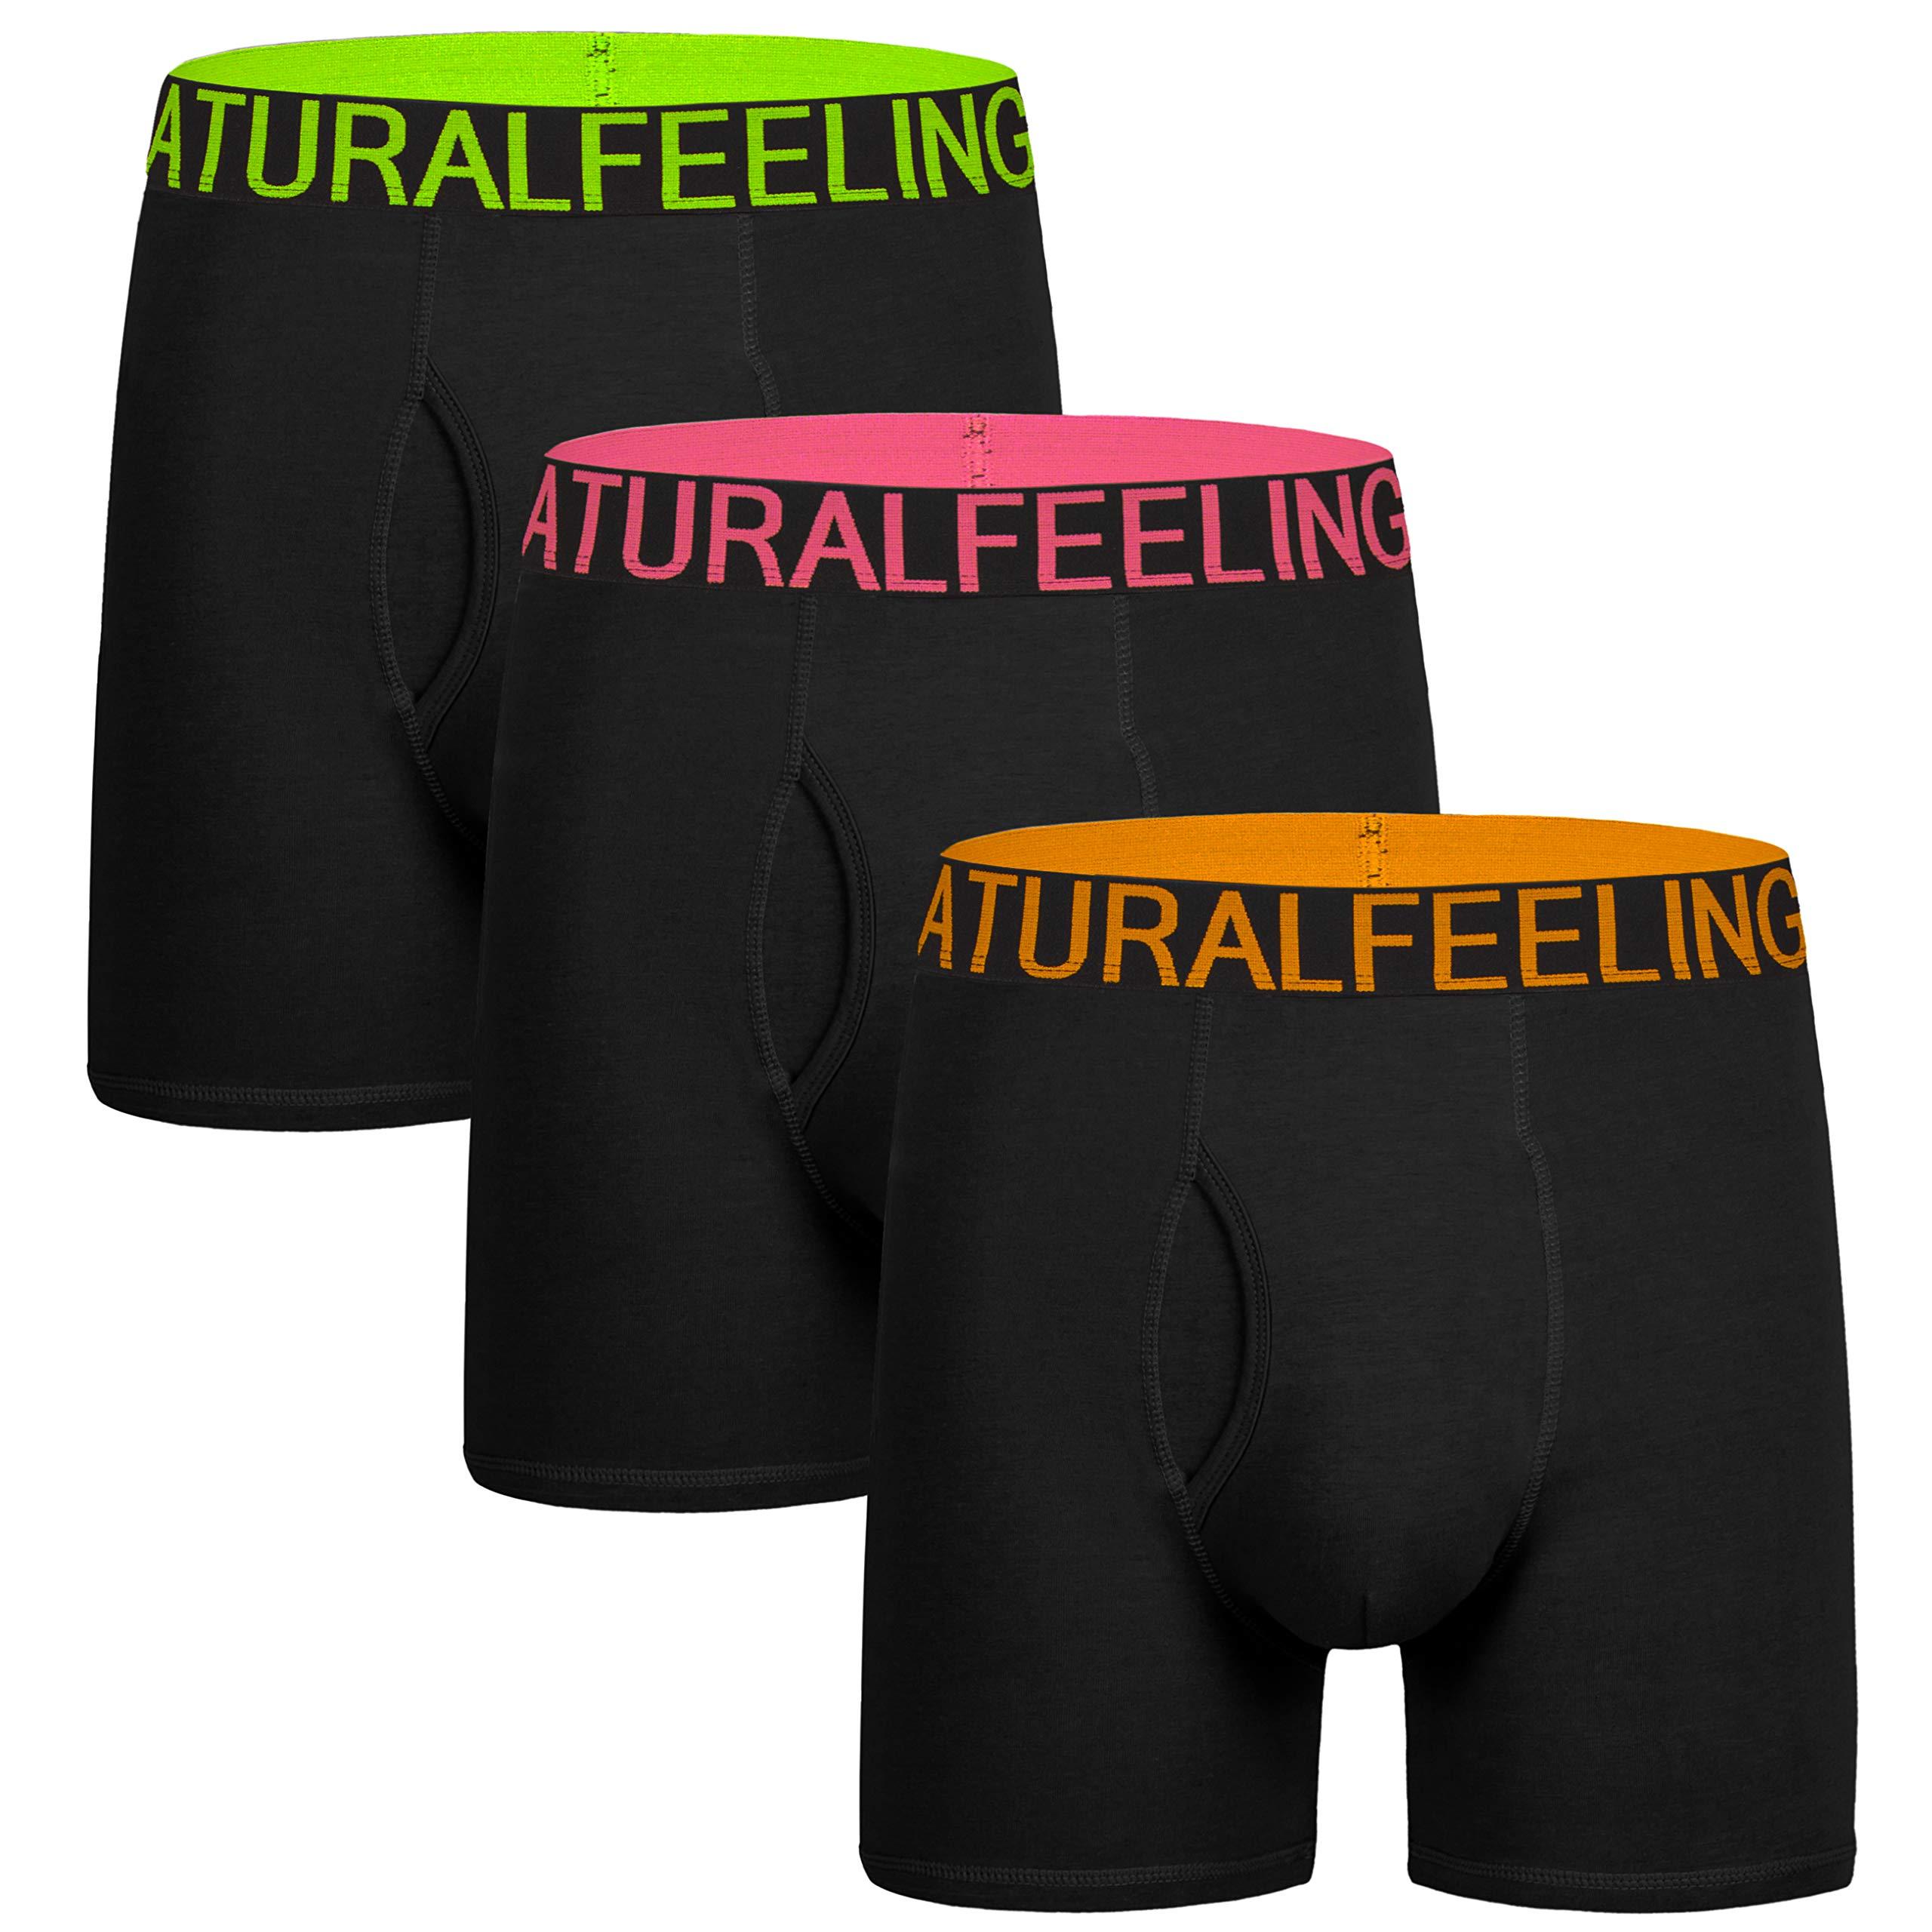 5Mayi Men's Underwear Boxer Briefs Cotton Black Mens Boxer Briefs Underwear Men Pack of 3 Wide Waistband M